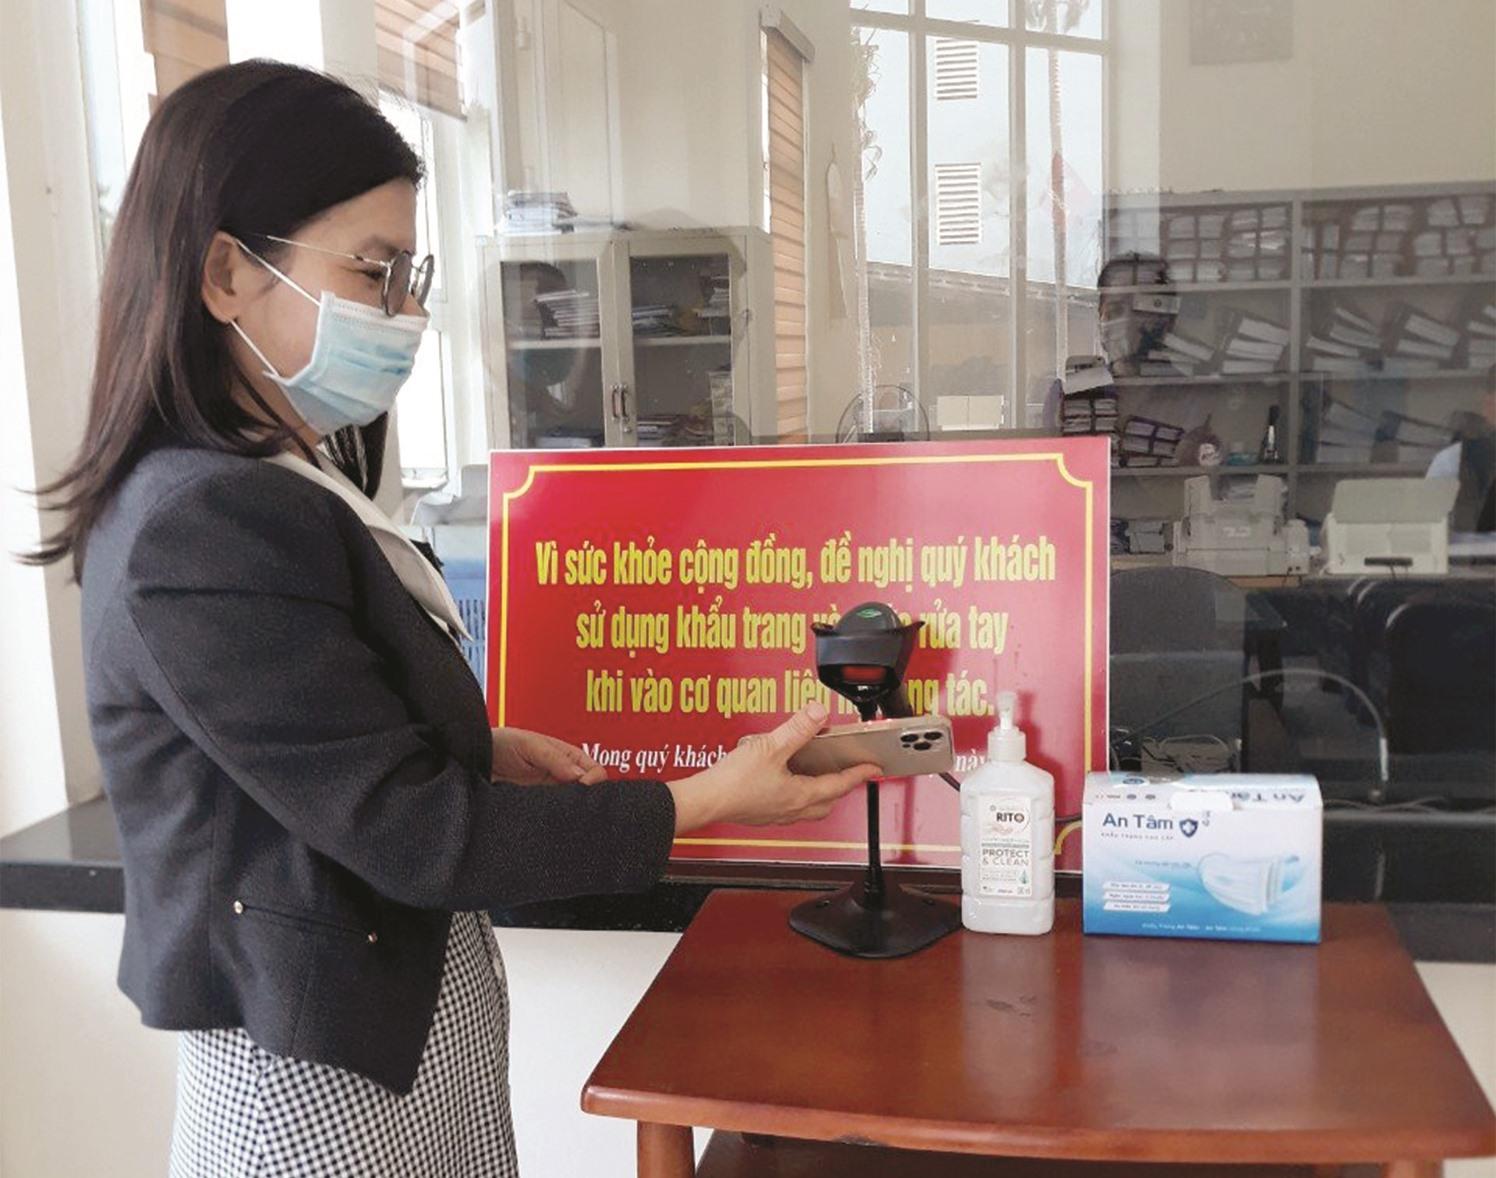 Ứng dụng quản lý khai báo y tế điện tử phục vụ phòng, chống dịch Covid-19. Trong ảnh: Quét mã QR code tại trụ sở Sở TT-TT . Ảnh do Sở TT-TT cung cấp